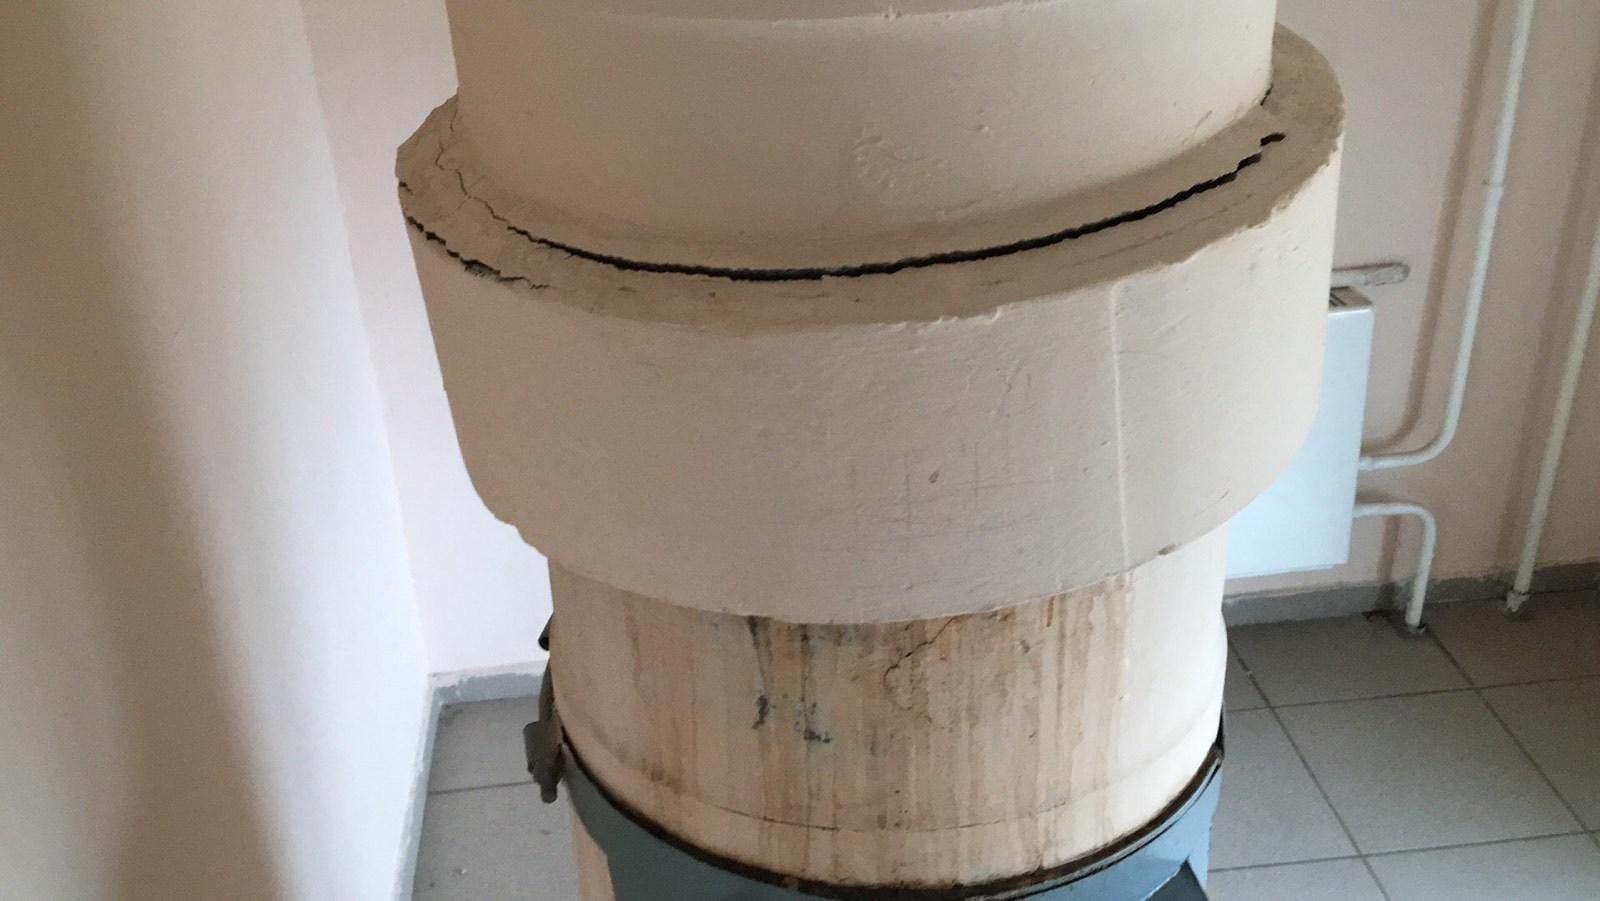 7П 8 эт - кольцо мысоропровода надо закрепить